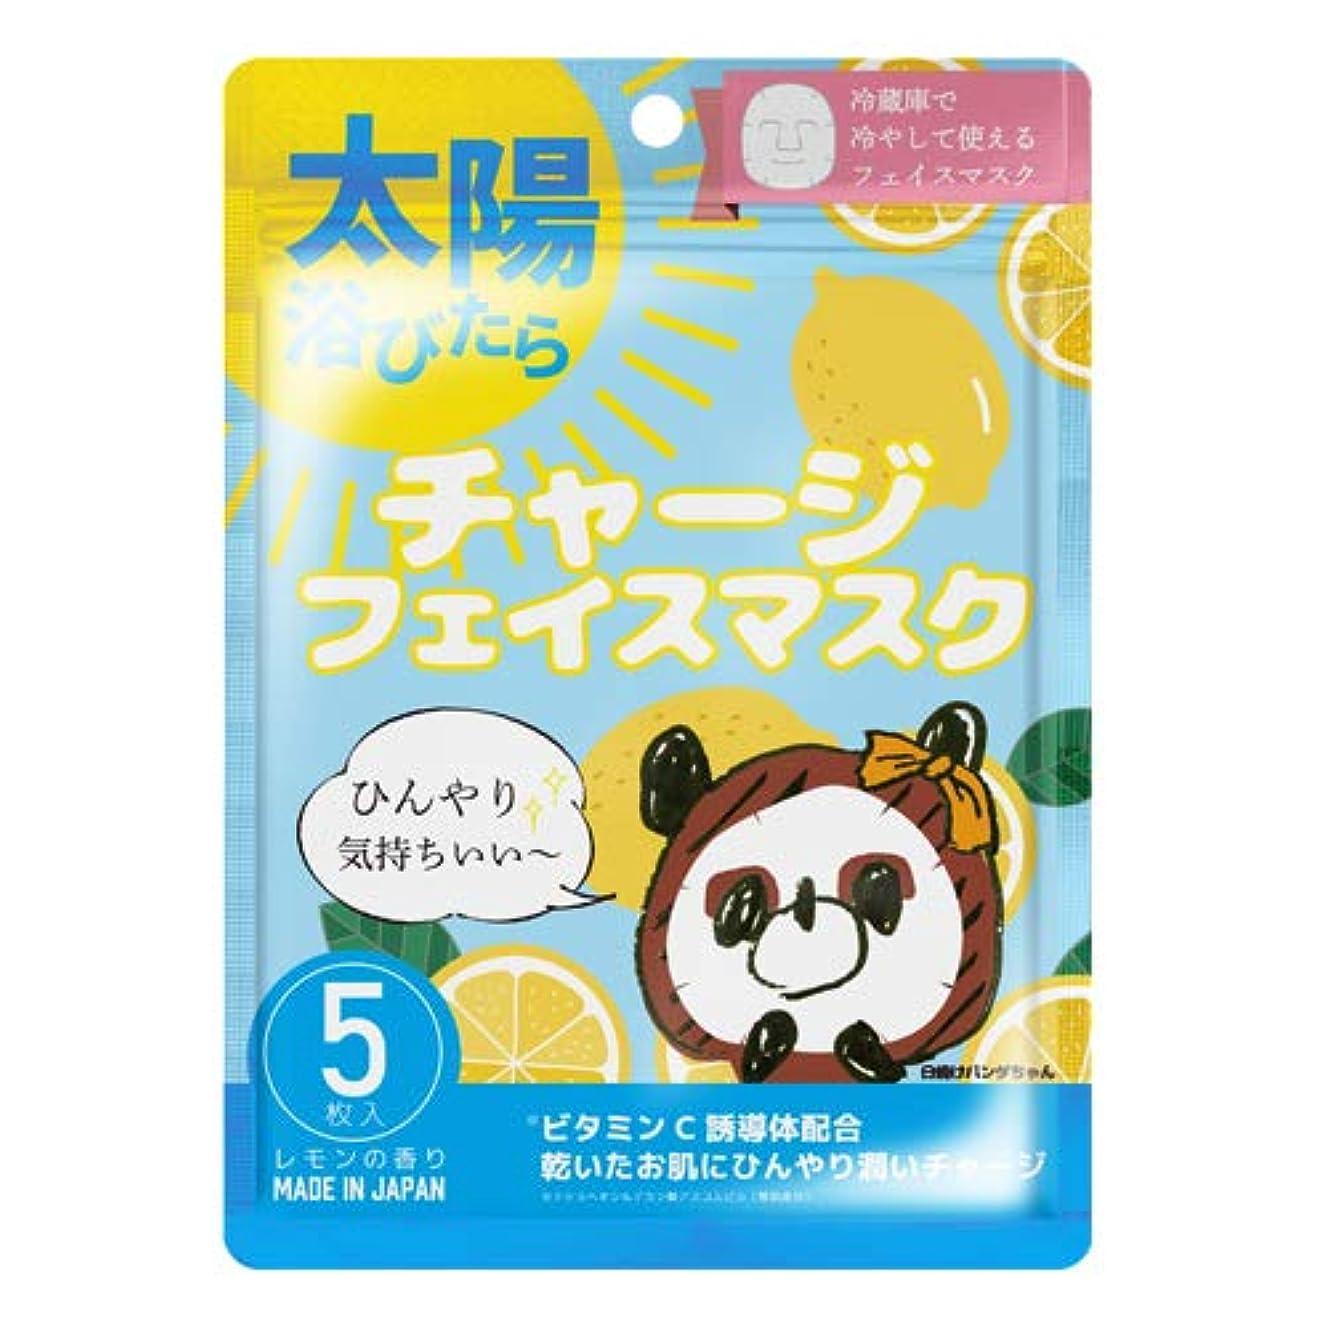 興奮する虚栄心テザーチャージフェイスマスク Charge Face Mask / 美容 フェイスマスク 日焼け 潤い レモン スキンケア